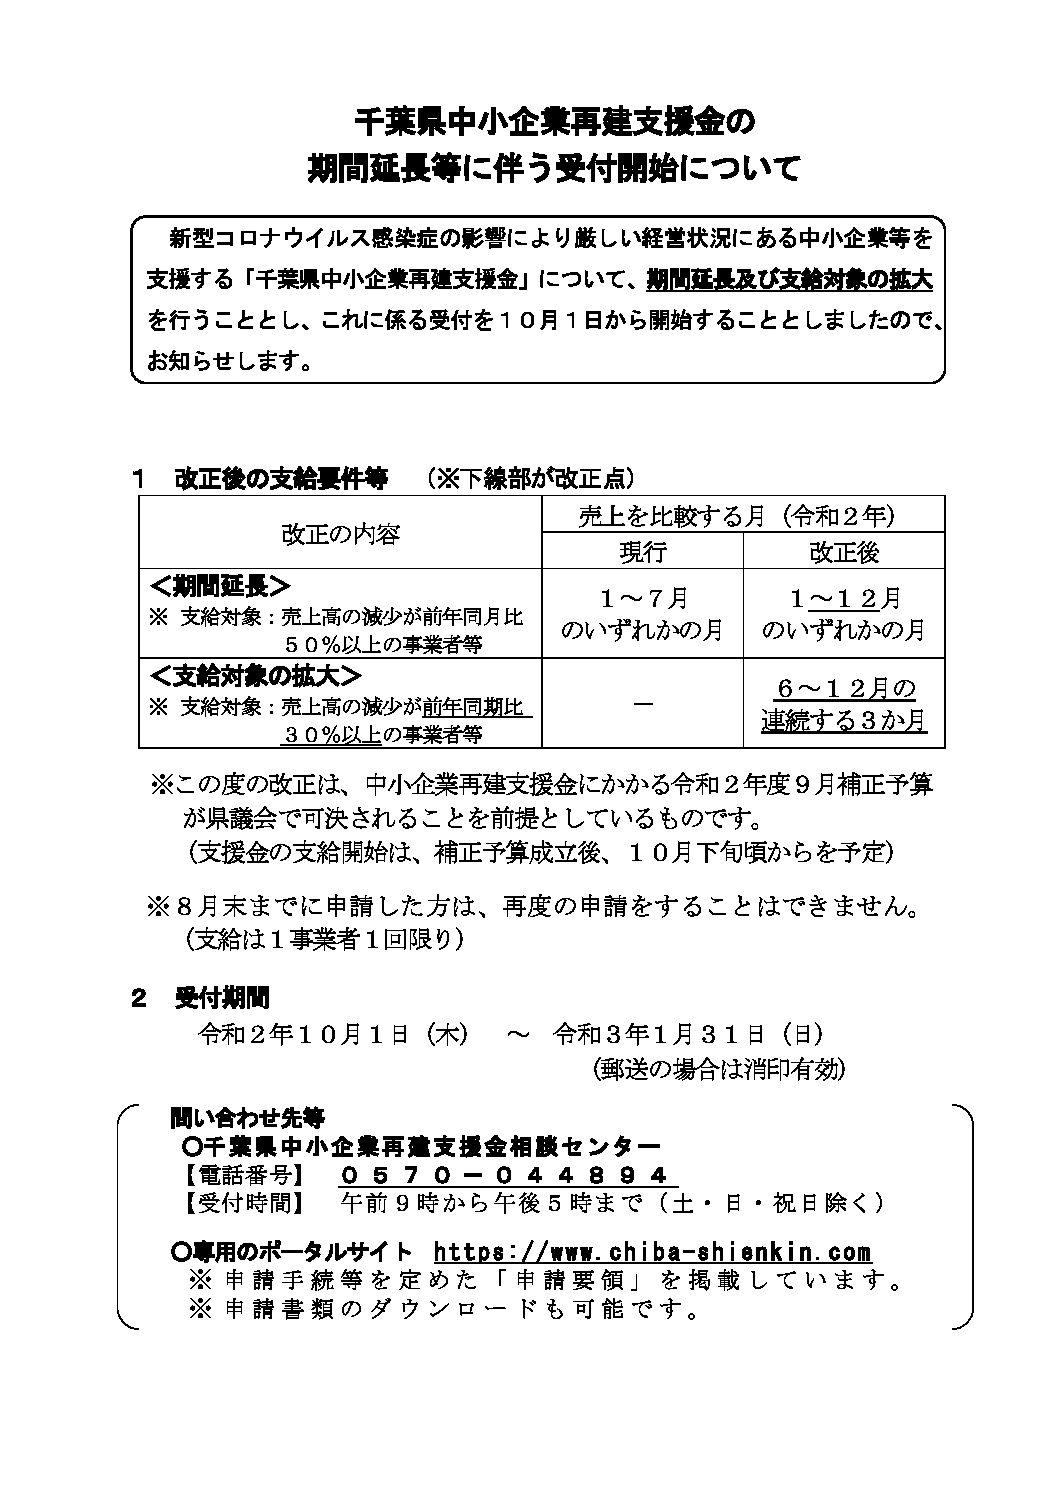 千葉県中小企業再建支援金の 期間延長等に伴う受付開始について